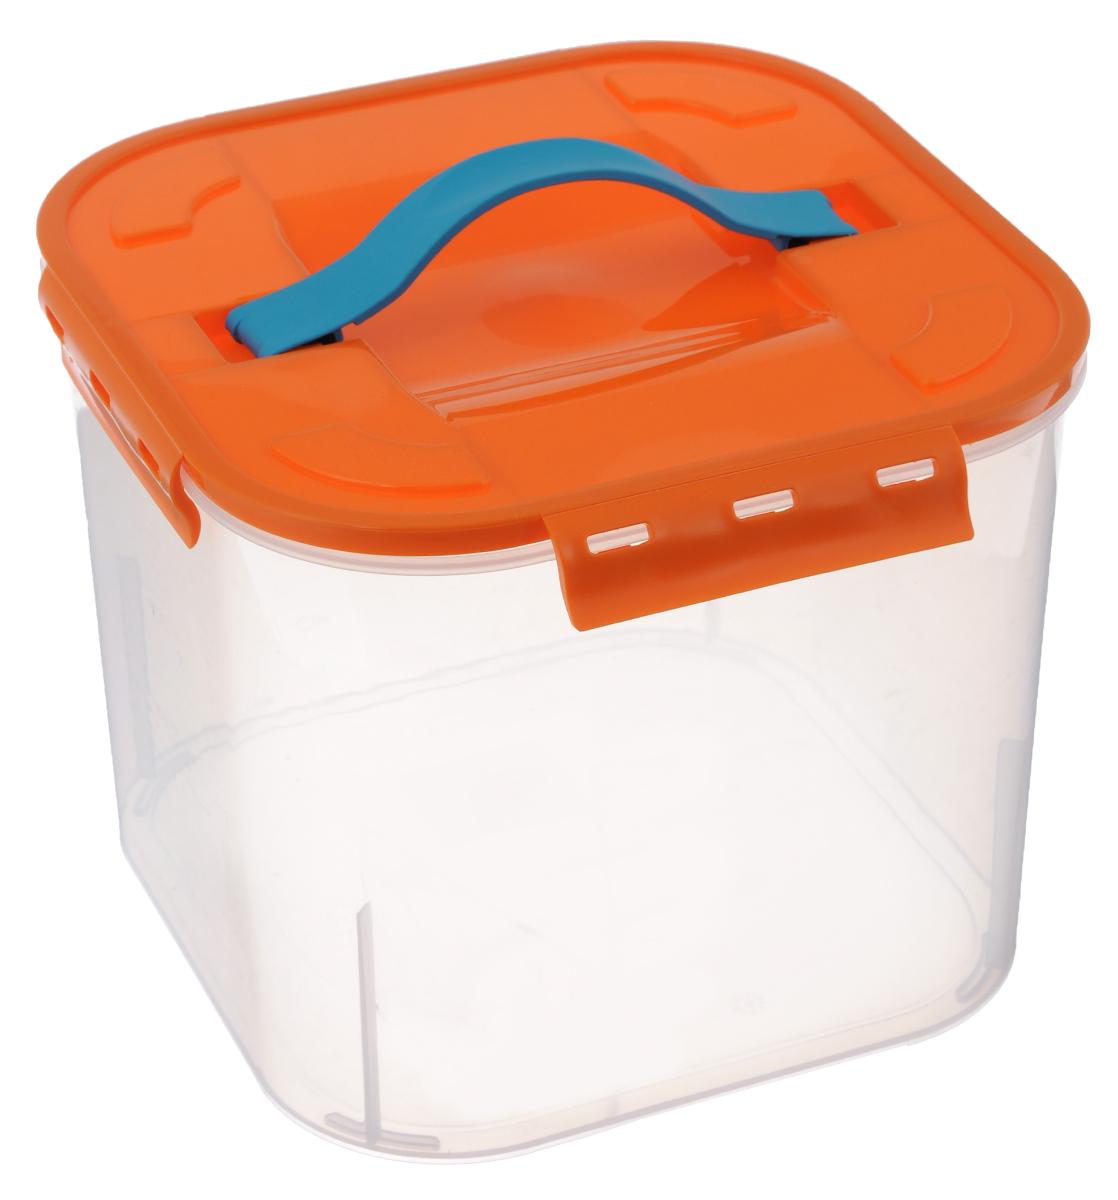 Контейнер для хранения Idea, цвет: оранжевый, прозрачный, 7 л контейнер для хранения idea ягоды 10 л